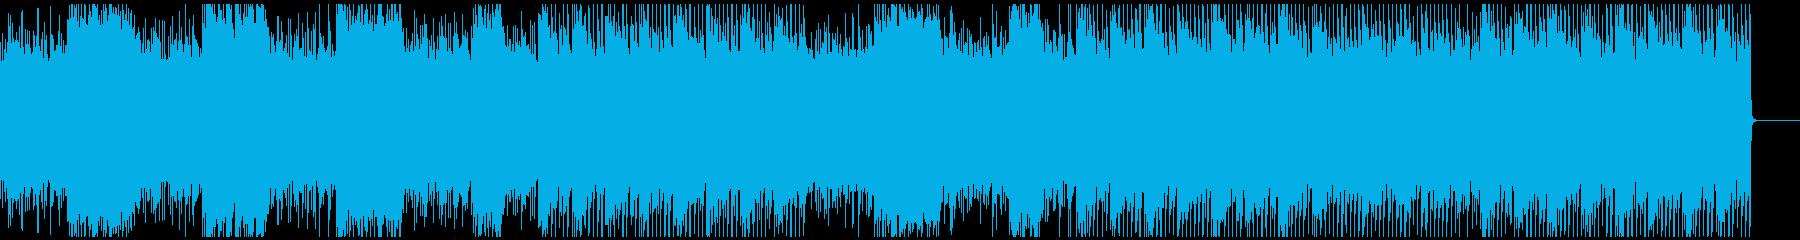 アコースティックセンチメンタル#26−3の再生済みの波形